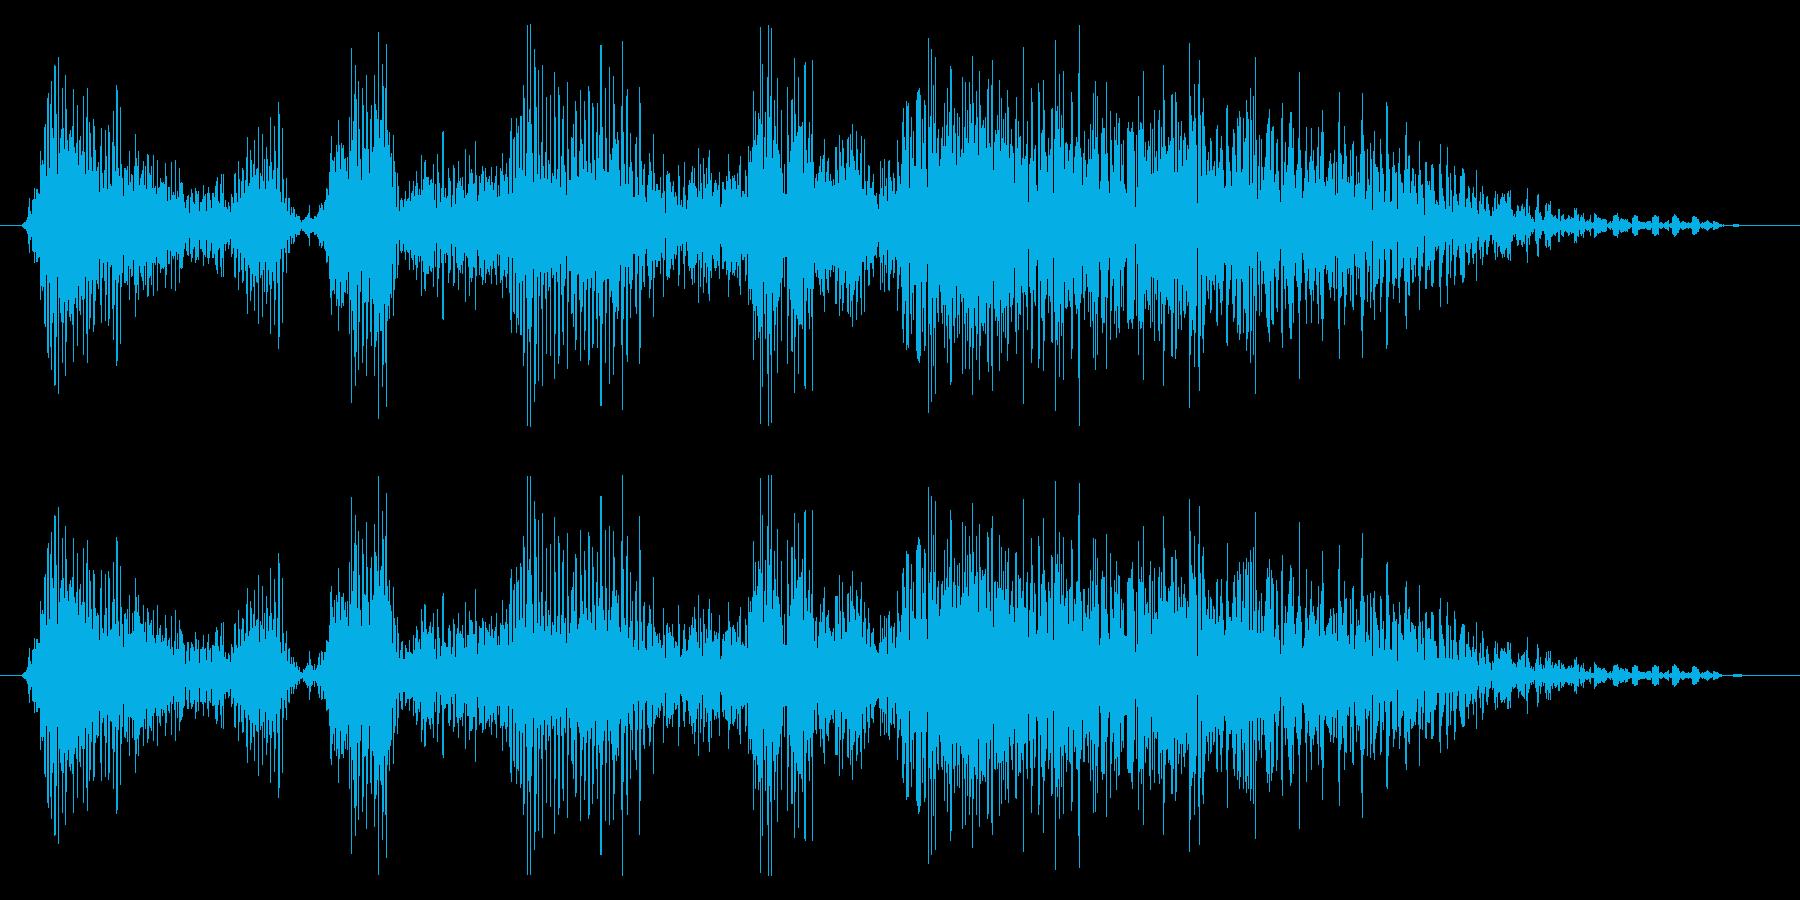 ドラゴン モンスター ゲーム 勝利時の再生済みの波形